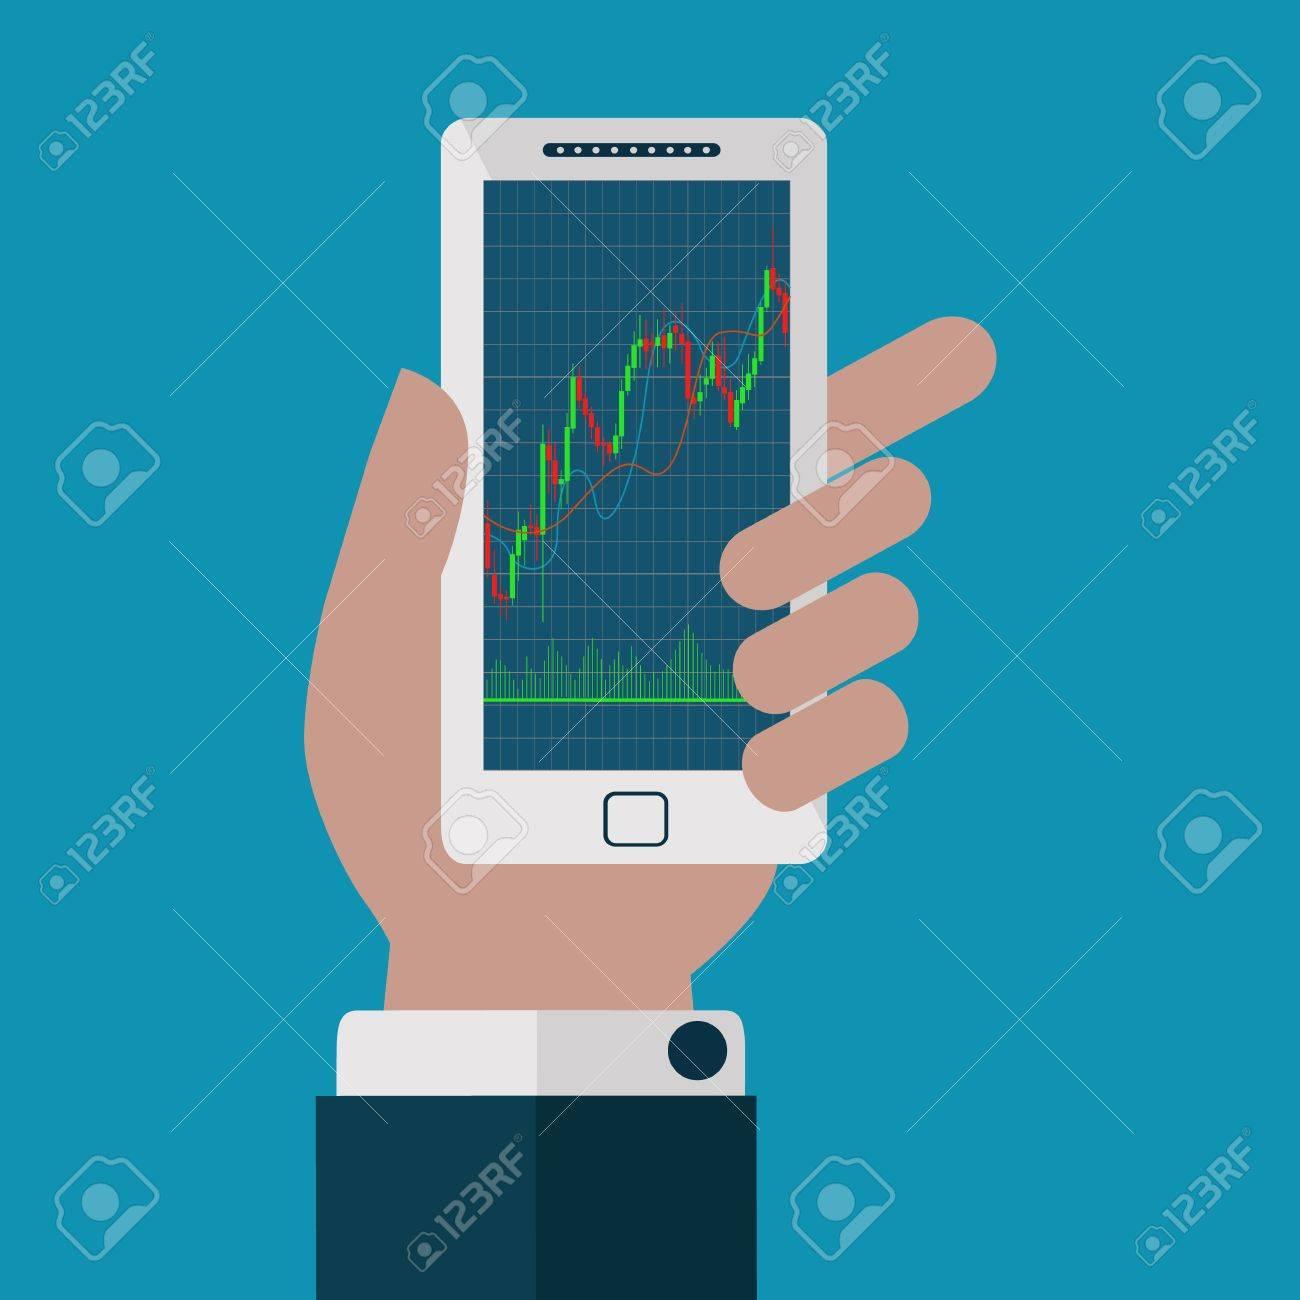 forex trading telefono come guadagnare soldi come un soggiorno a casa mamma